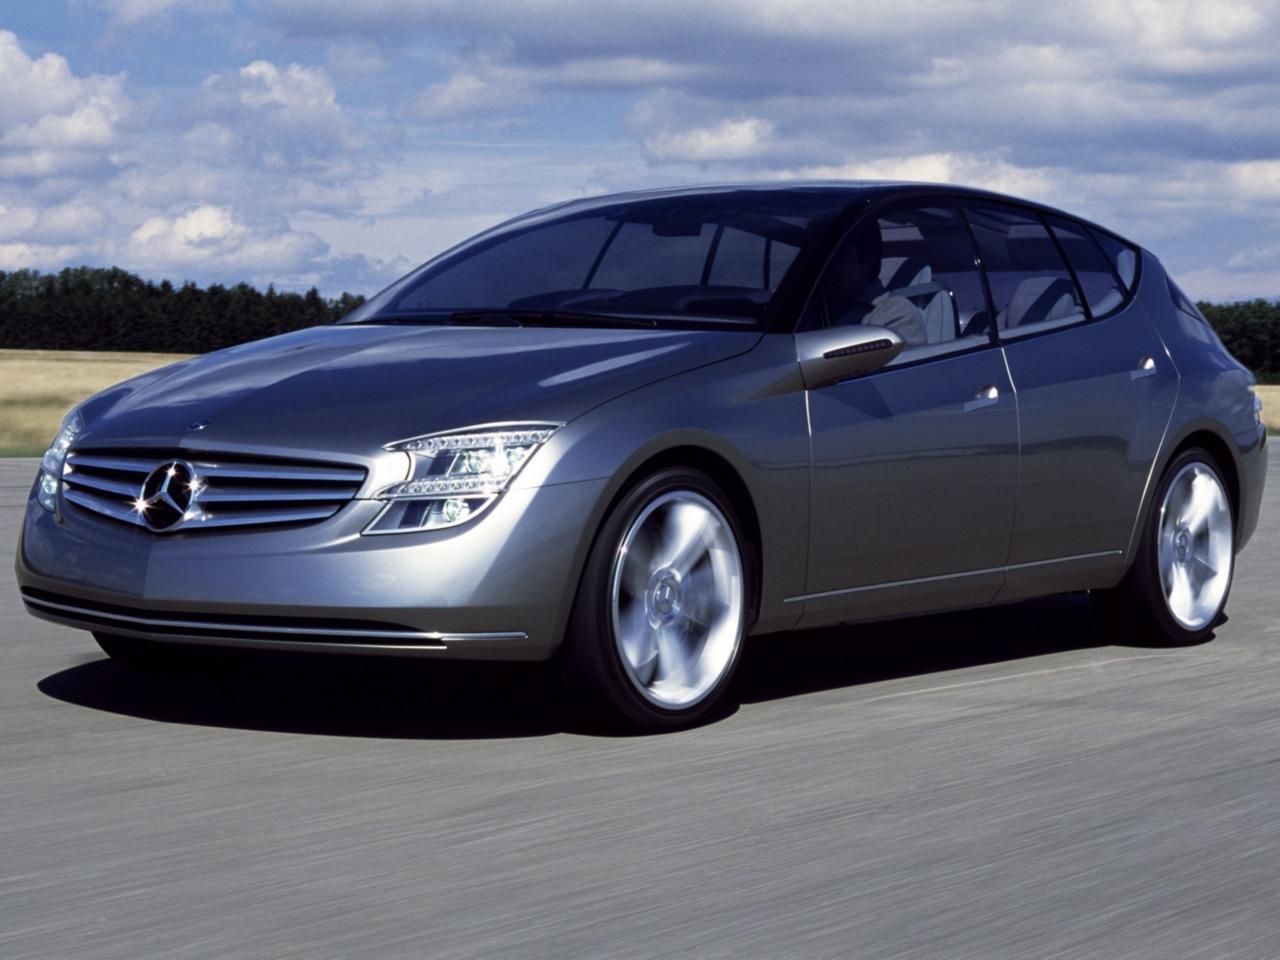 mercedes benz f500 mind concept 2003 old concept cars. Black Bedroom Furniture Sets. Home Design Ideas